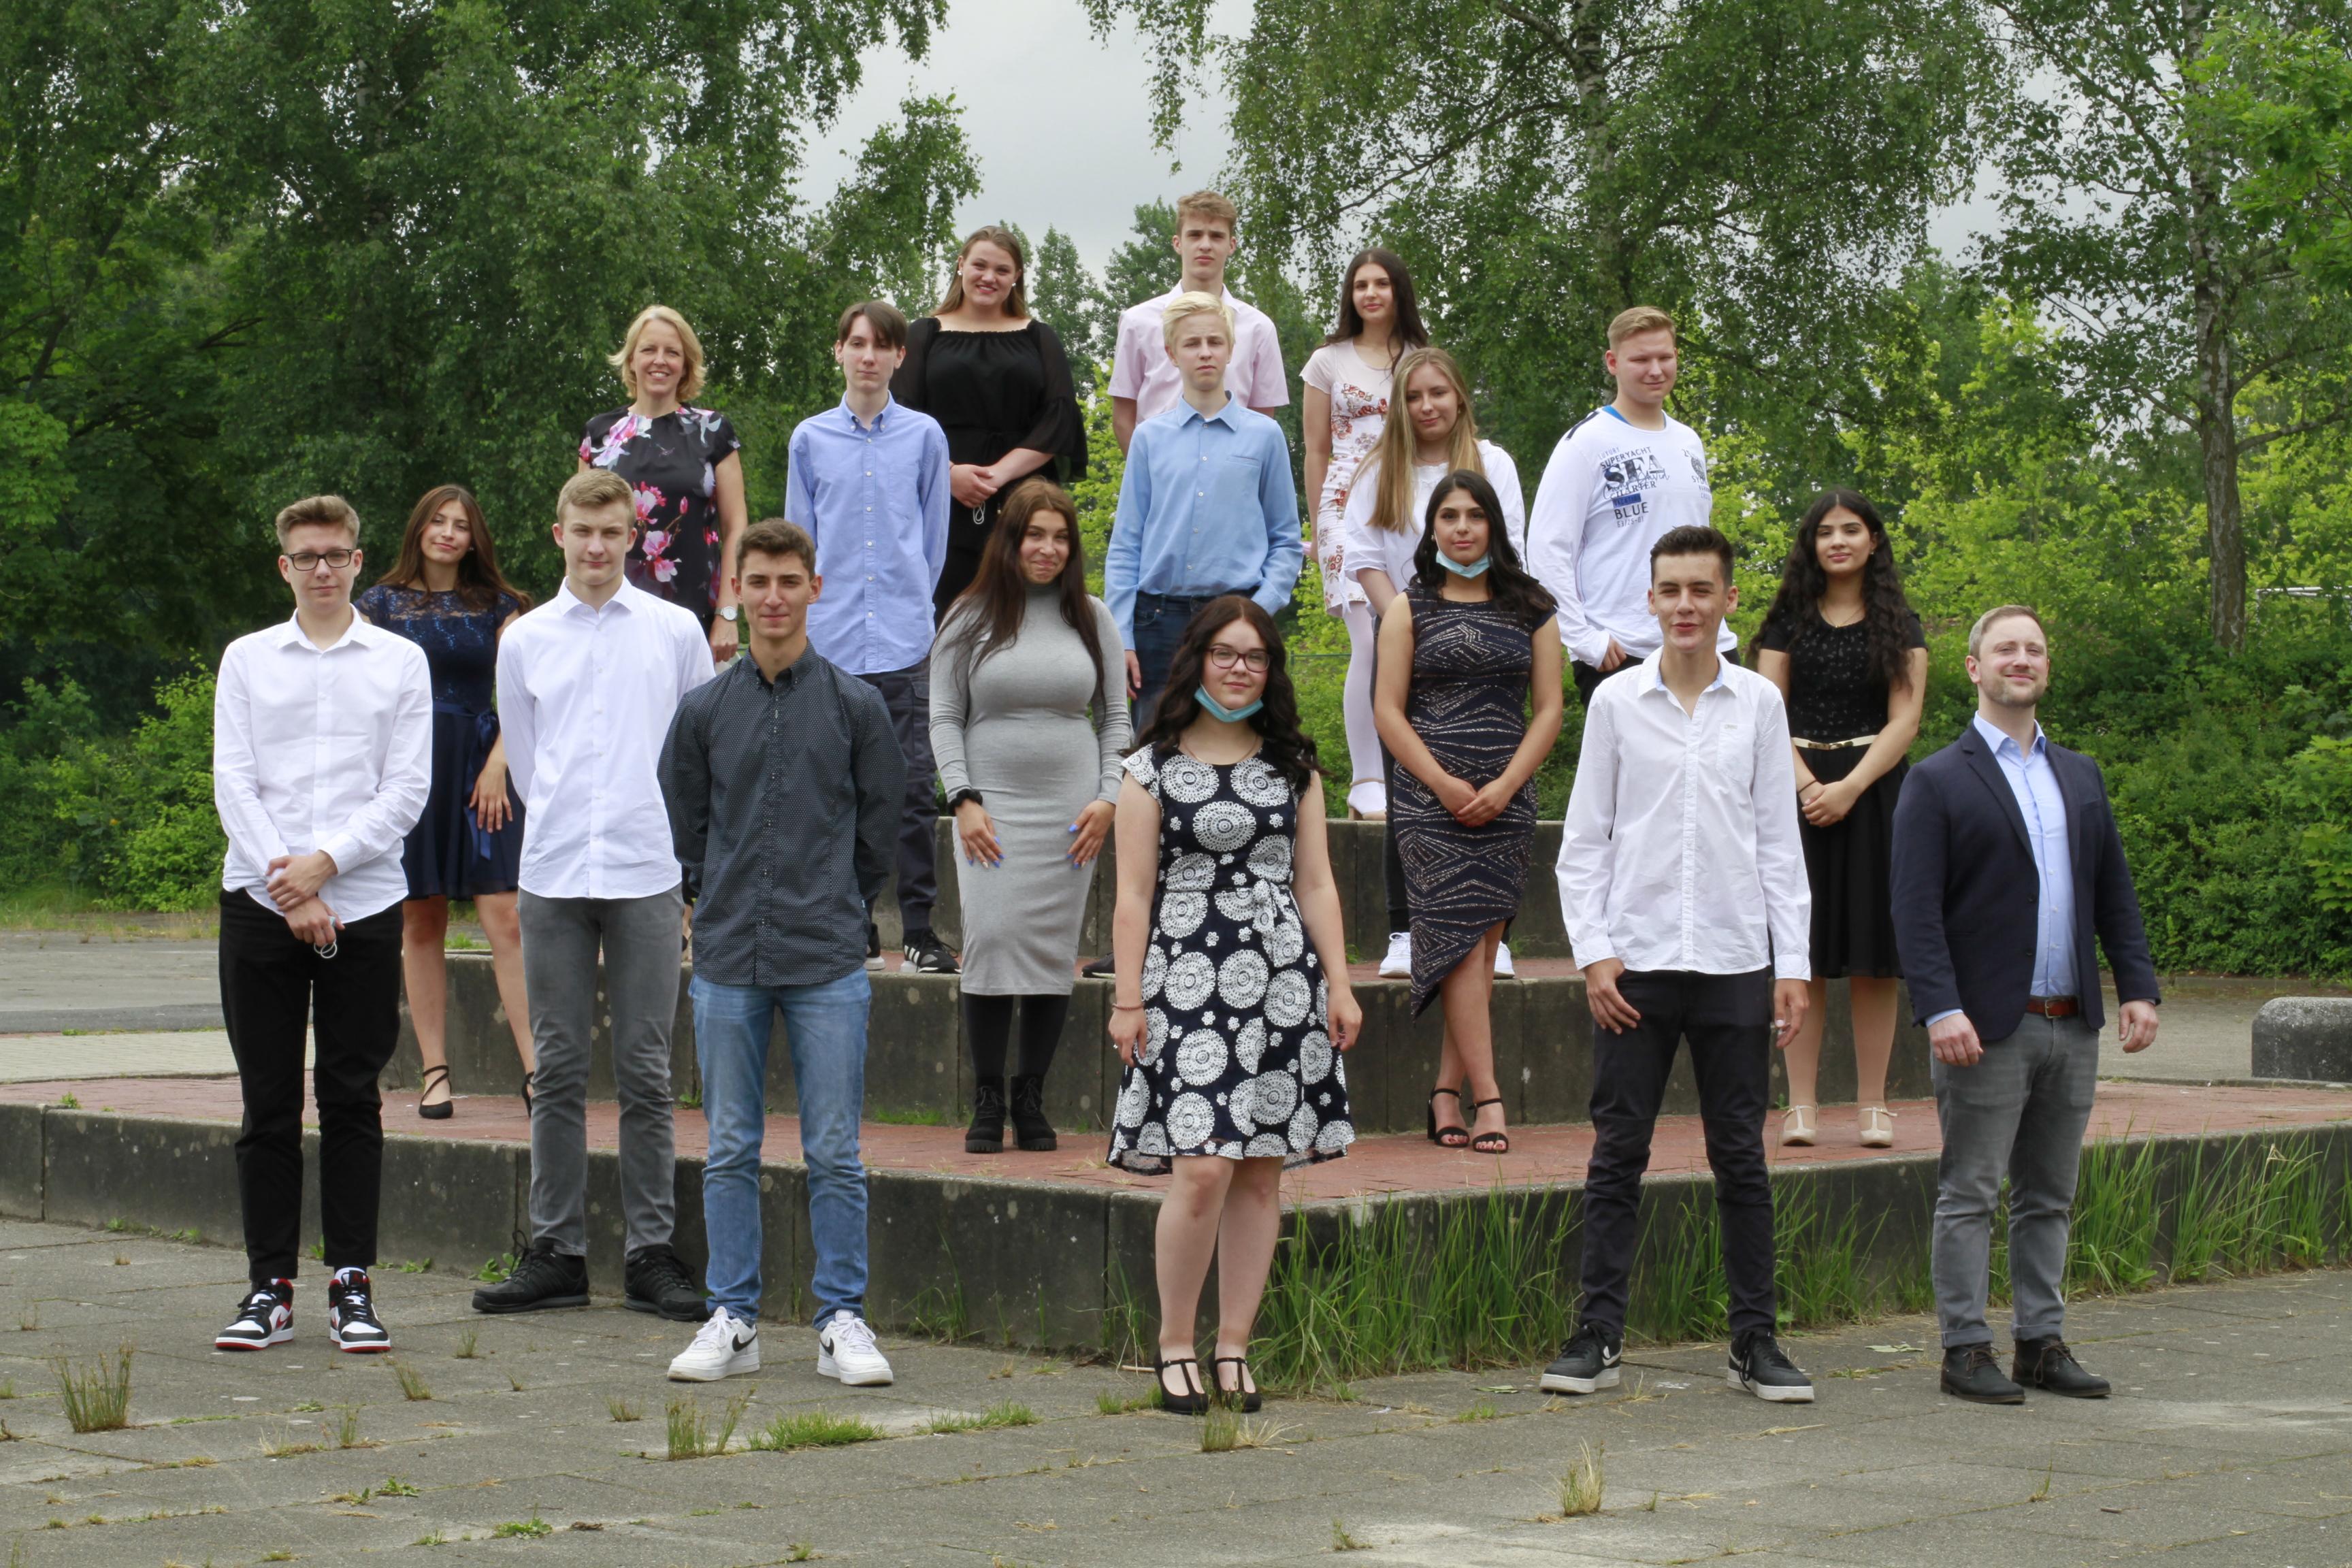 Letzte Oberschüler verabschiedet – Markspiegel berichtet über Abschlussschülerinnen und – schüler